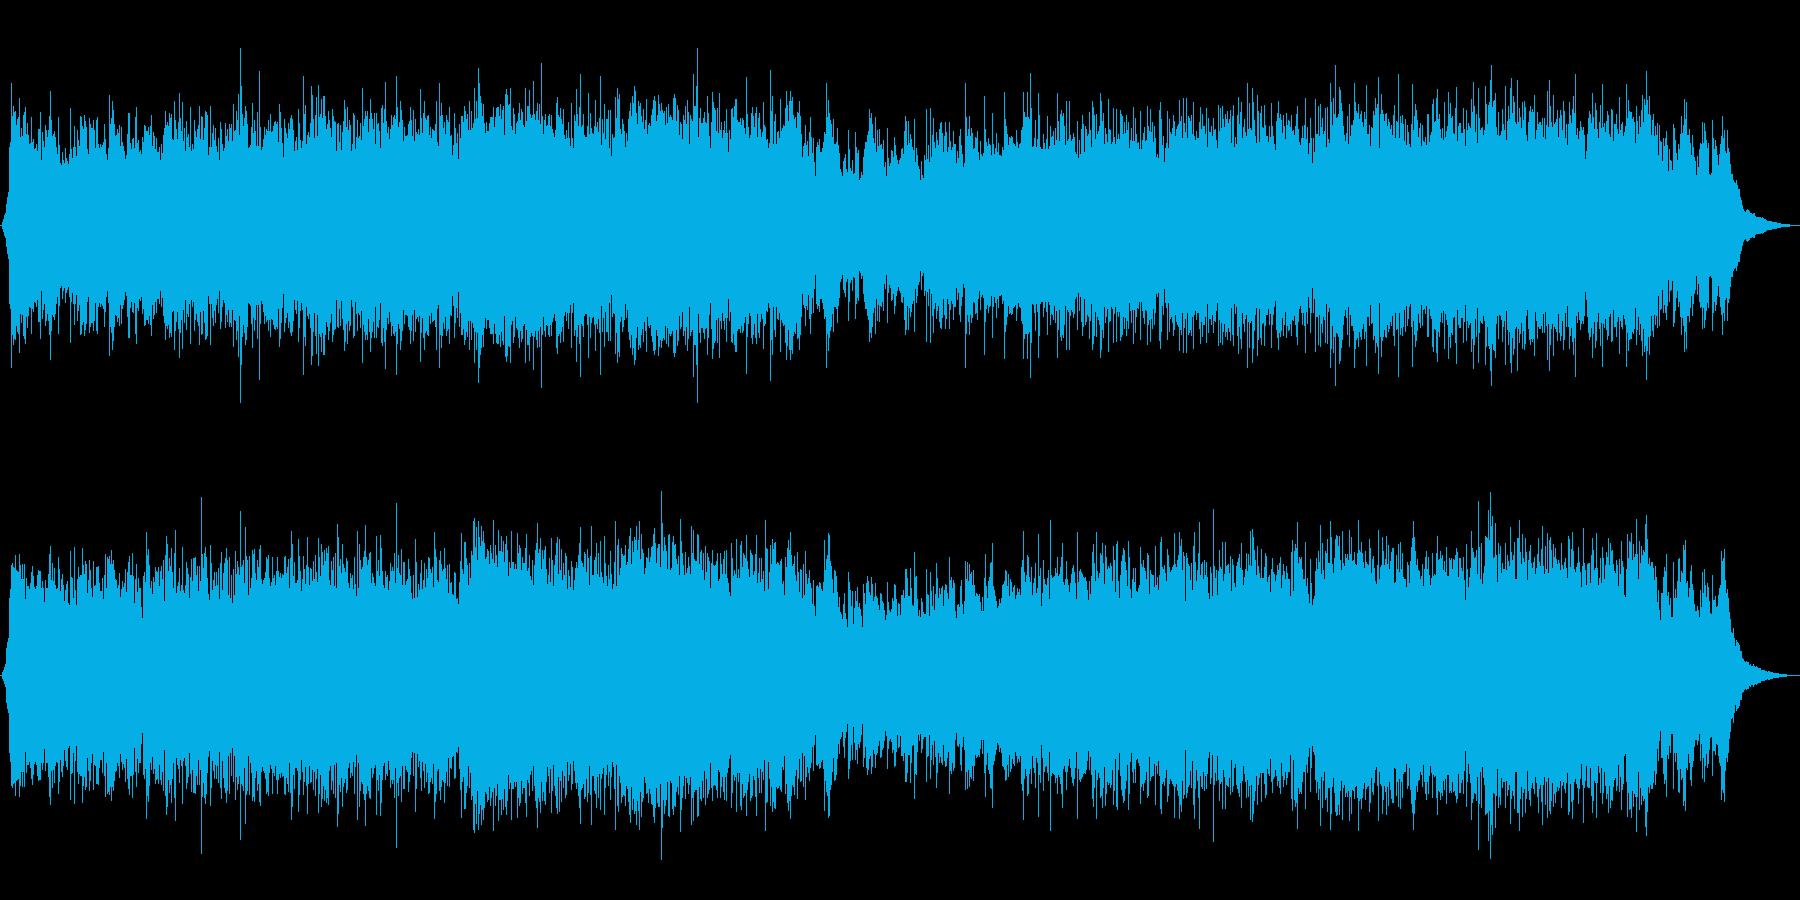 OPなどの始まりに使える美しいバイオリンの再生済みの波形